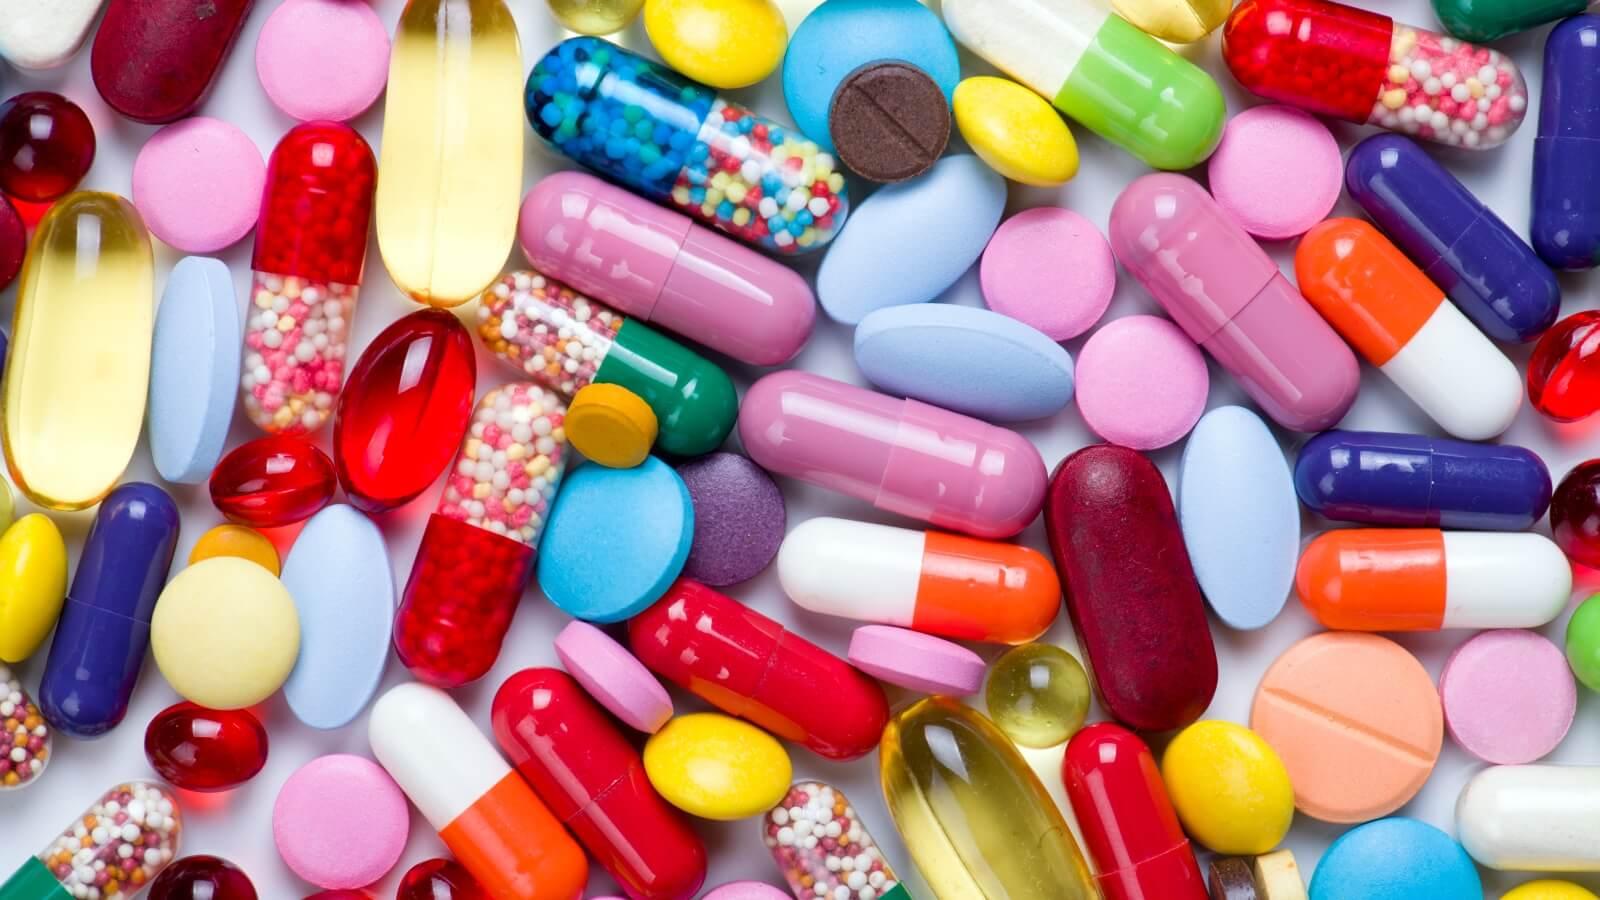 روکیدا   آیا آنتی بیوتیک ها با لبنیات تداخل ایجاد می کنند؟  